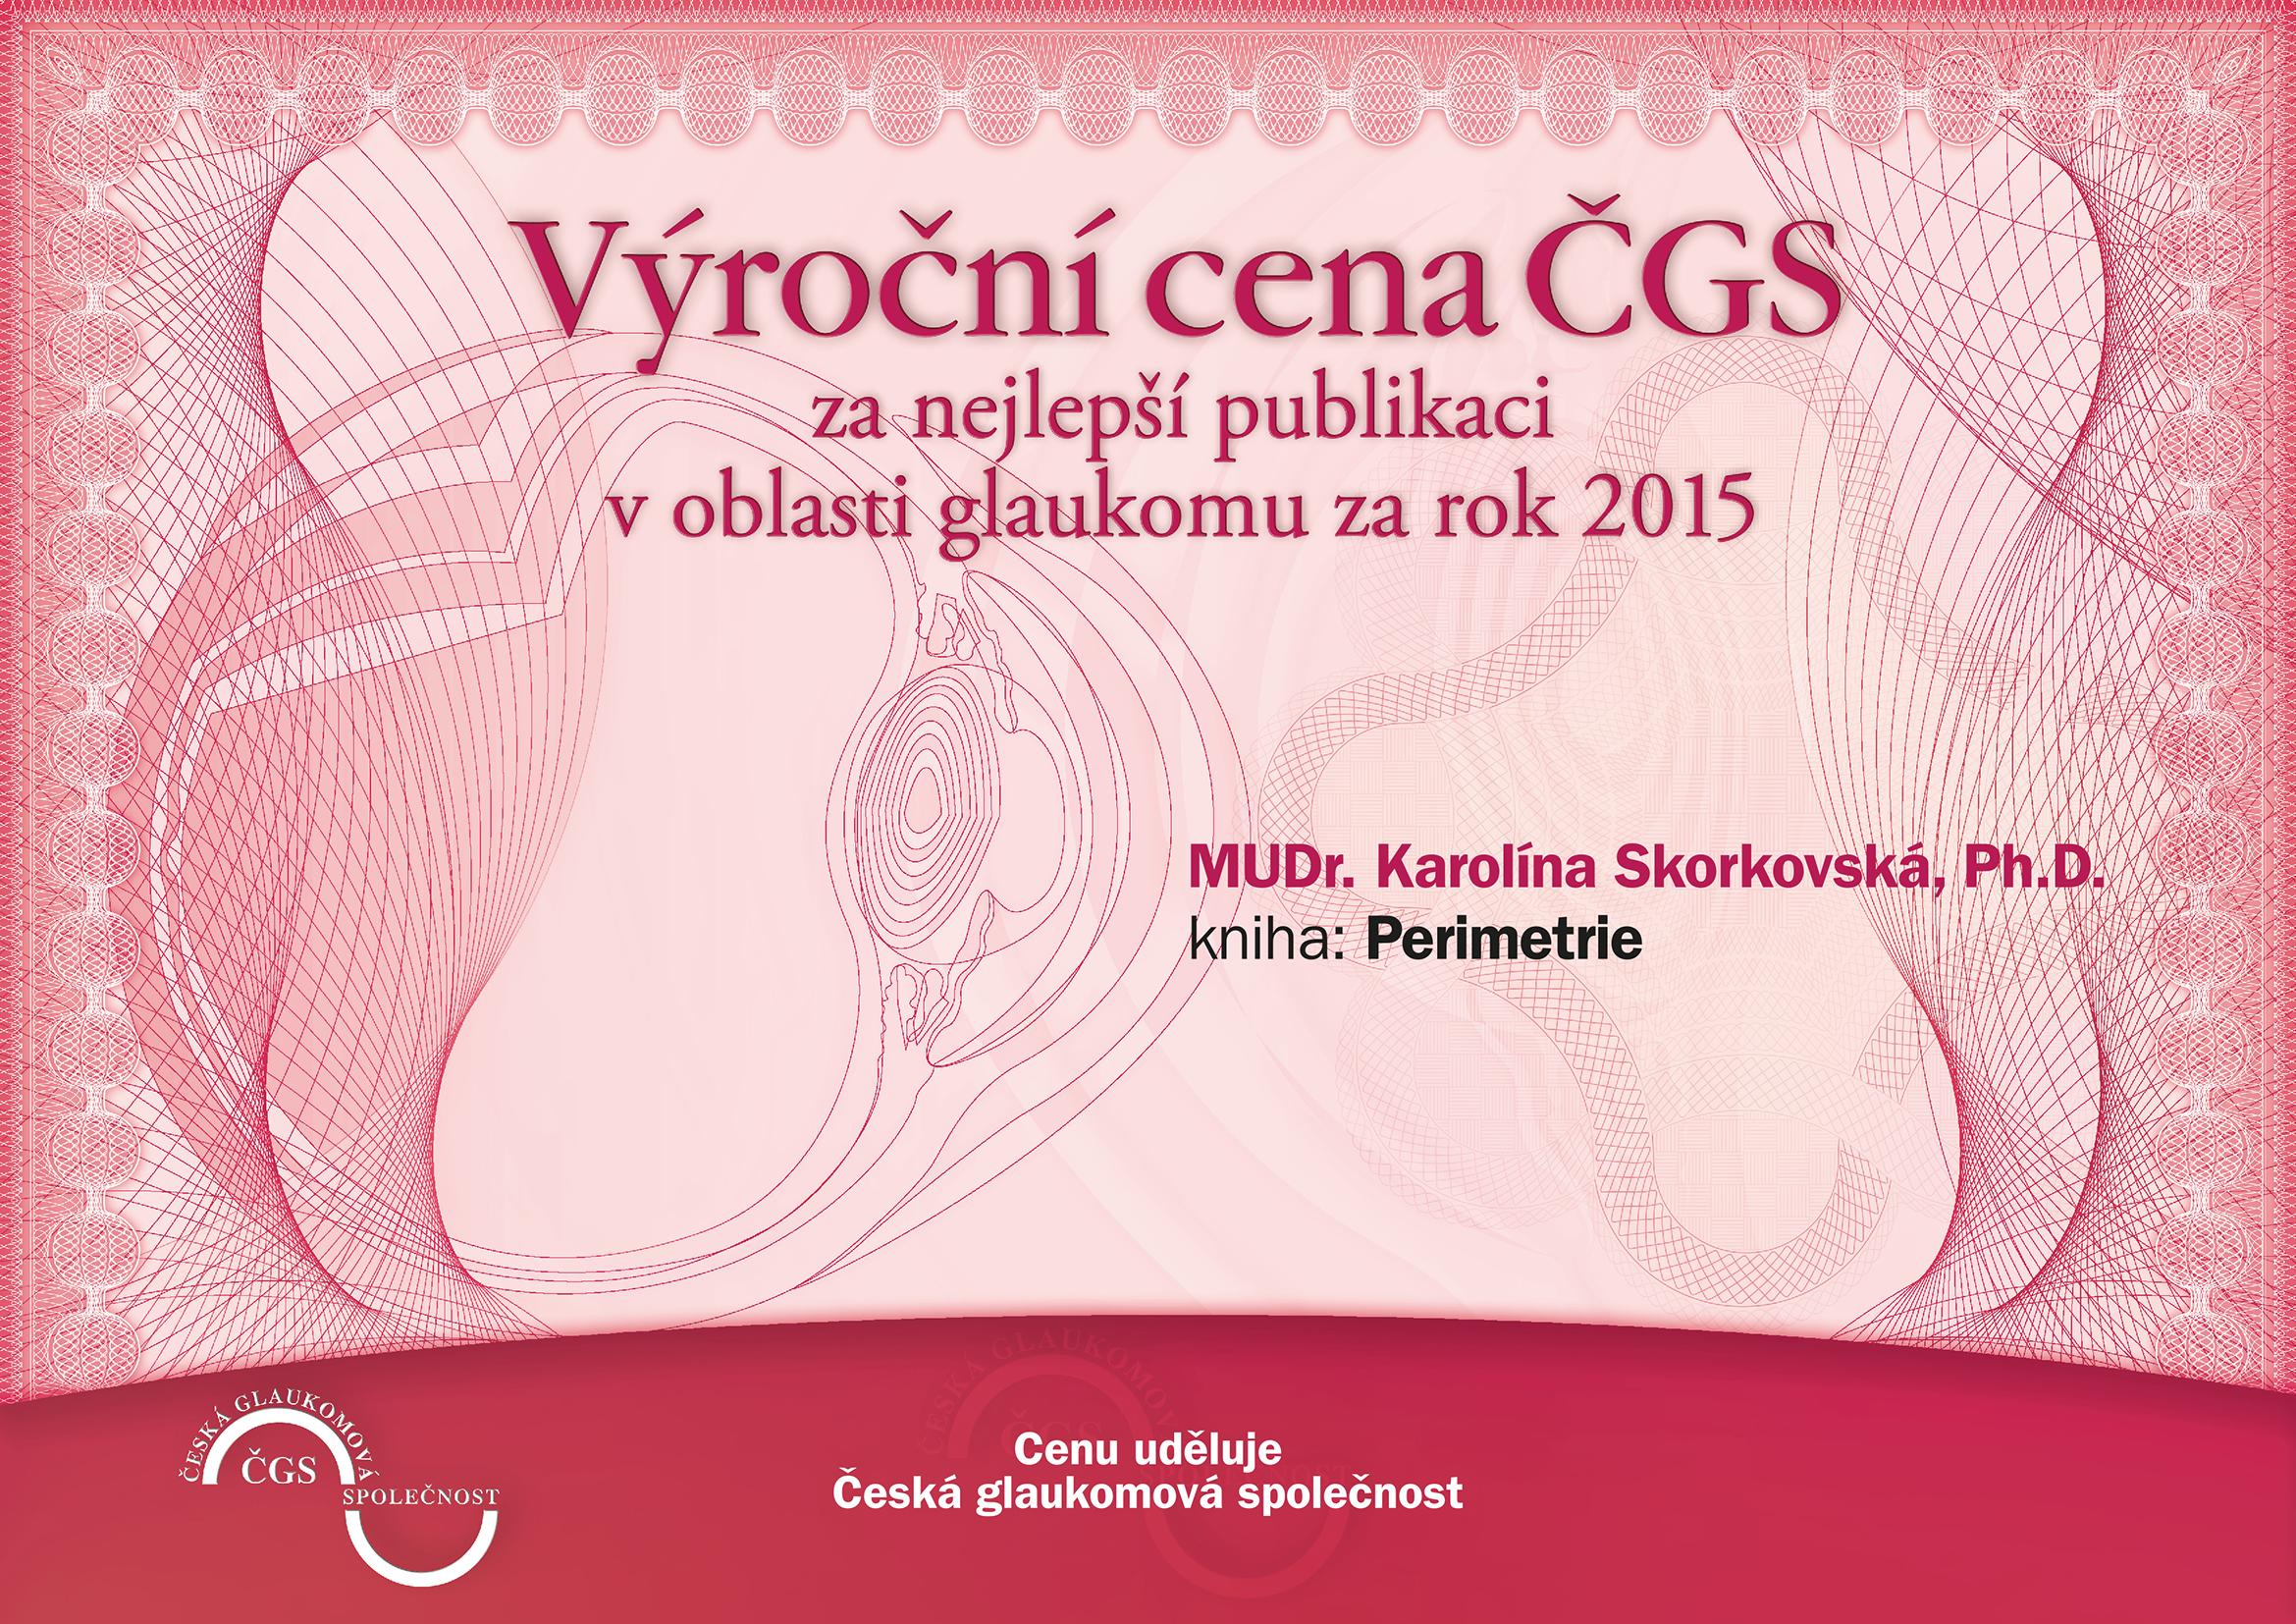 Výroční cena ČGS 2015